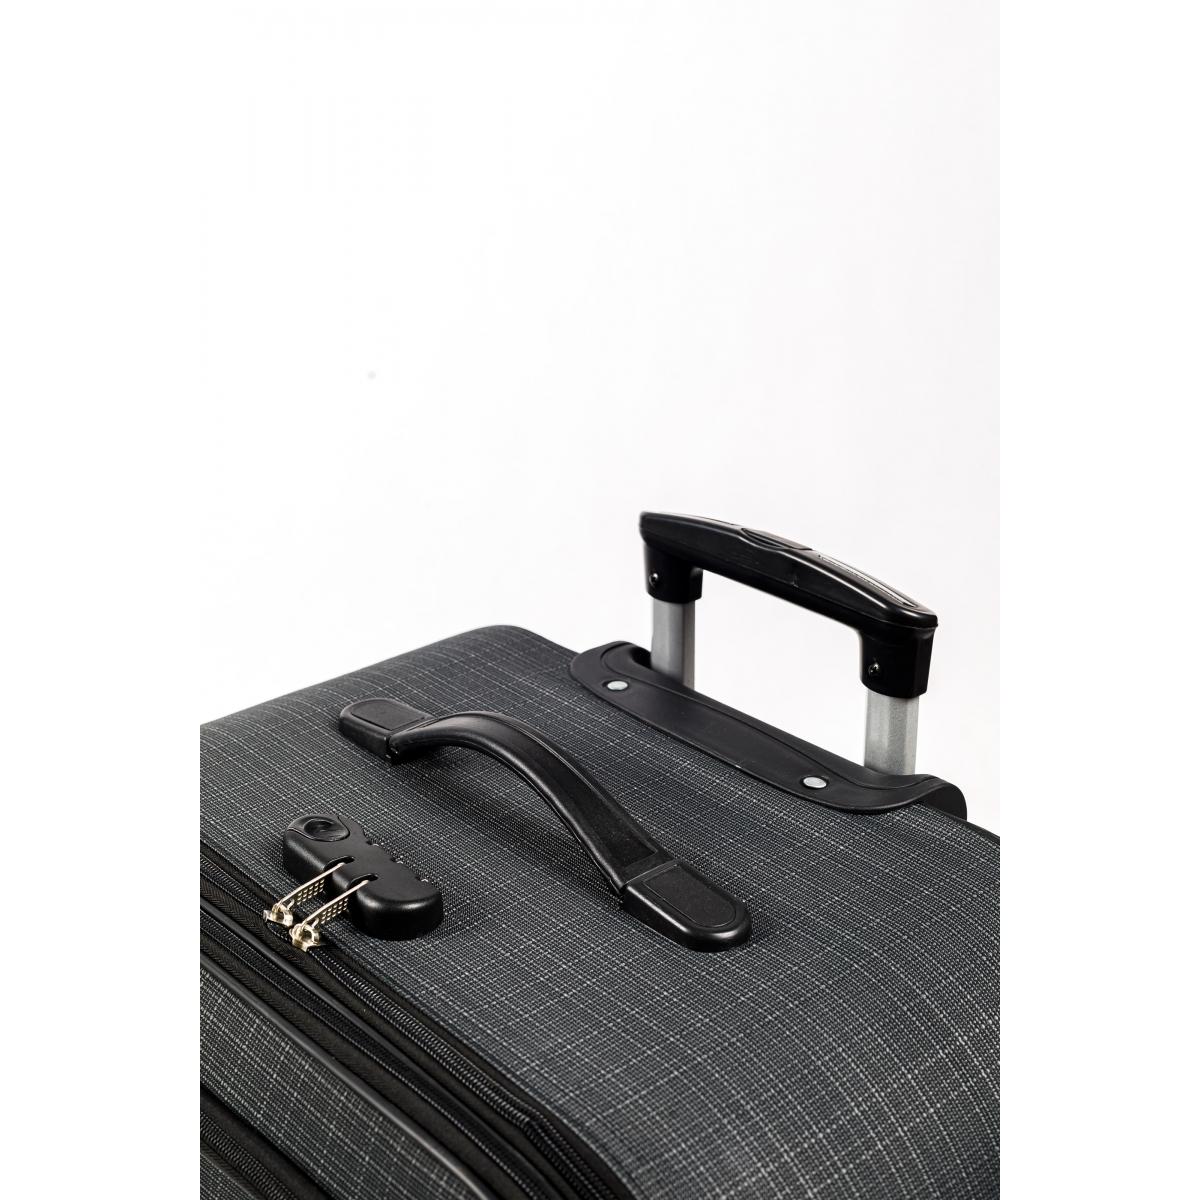 Gedox 4 Teker Geniş Kasa Havlu Kumaş 3'lü Valiz Seyahat Seti - Model: 1000.02 Koyu gri